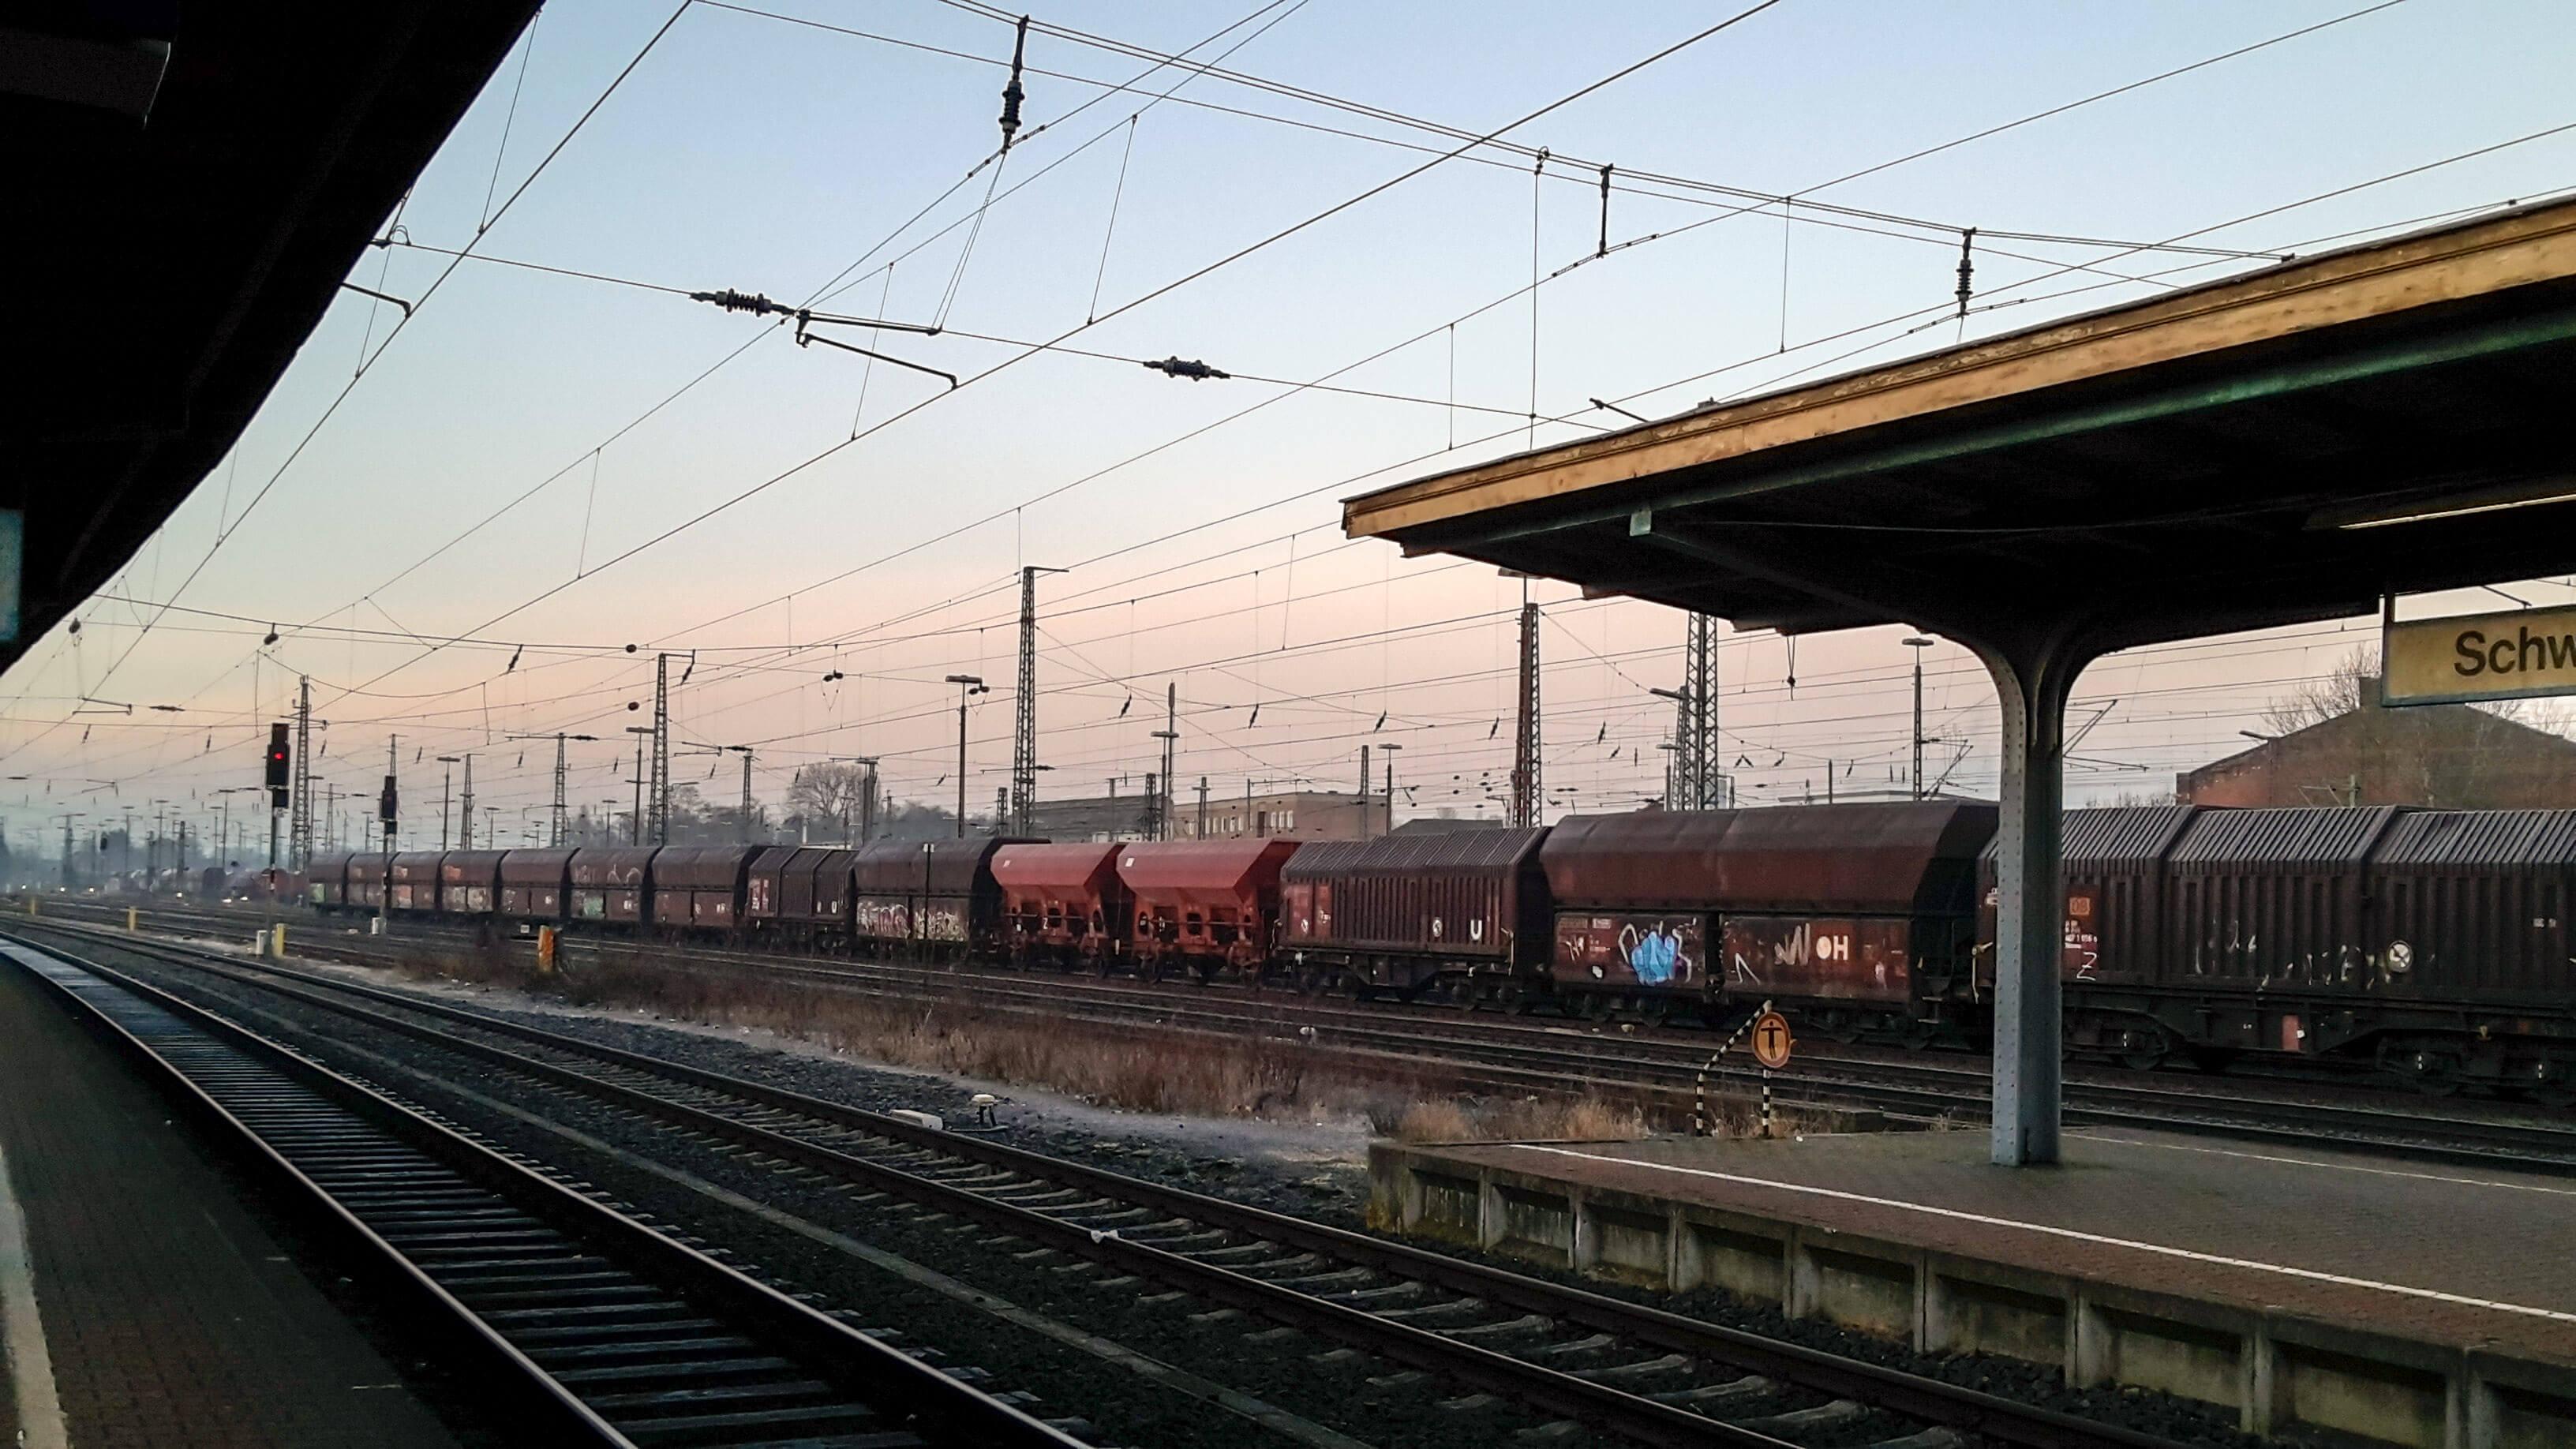 Bahnhof Schwerte